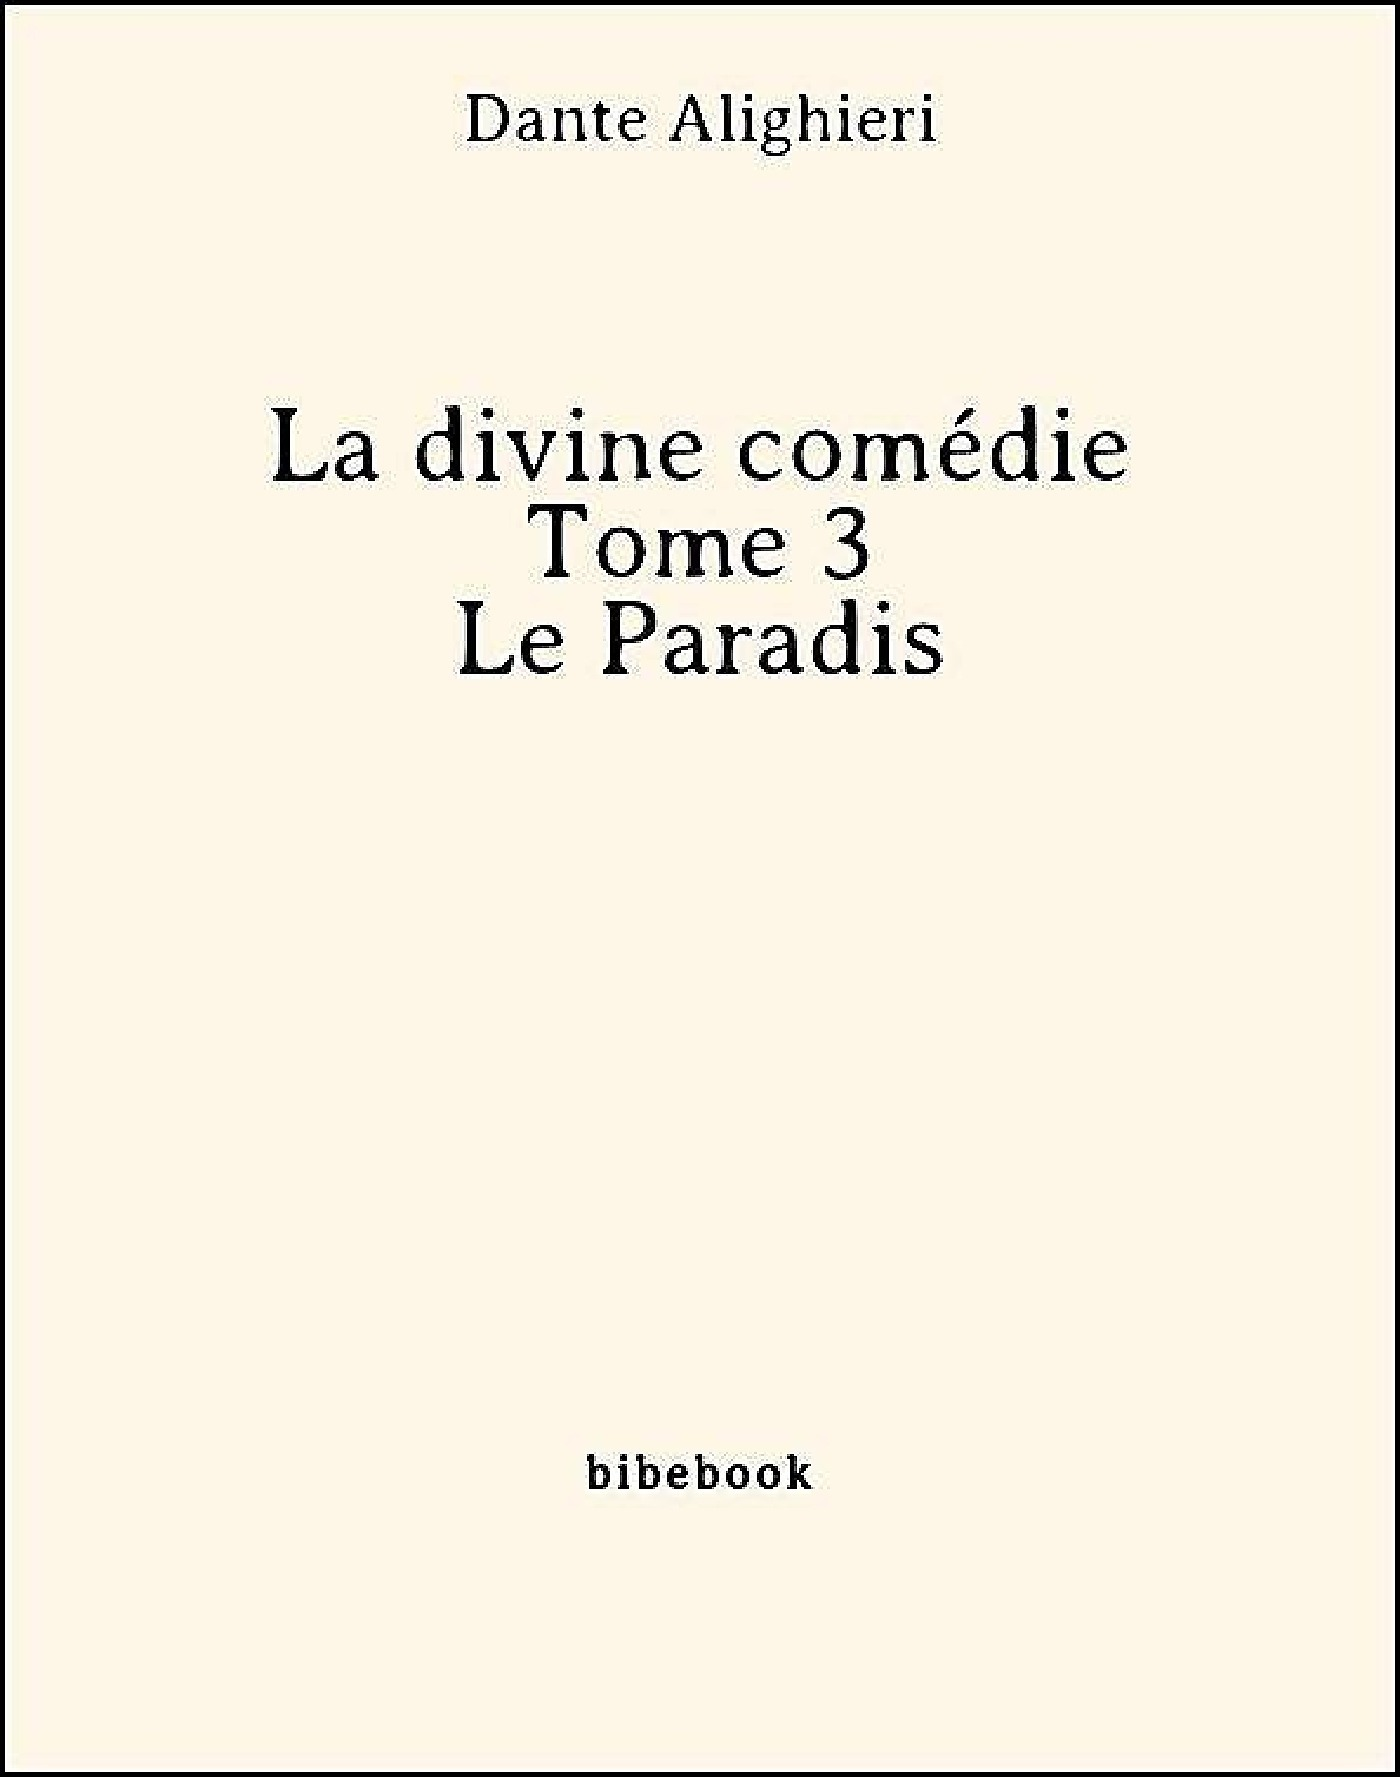 La divine comédie - Tome 3 - Le Paradis